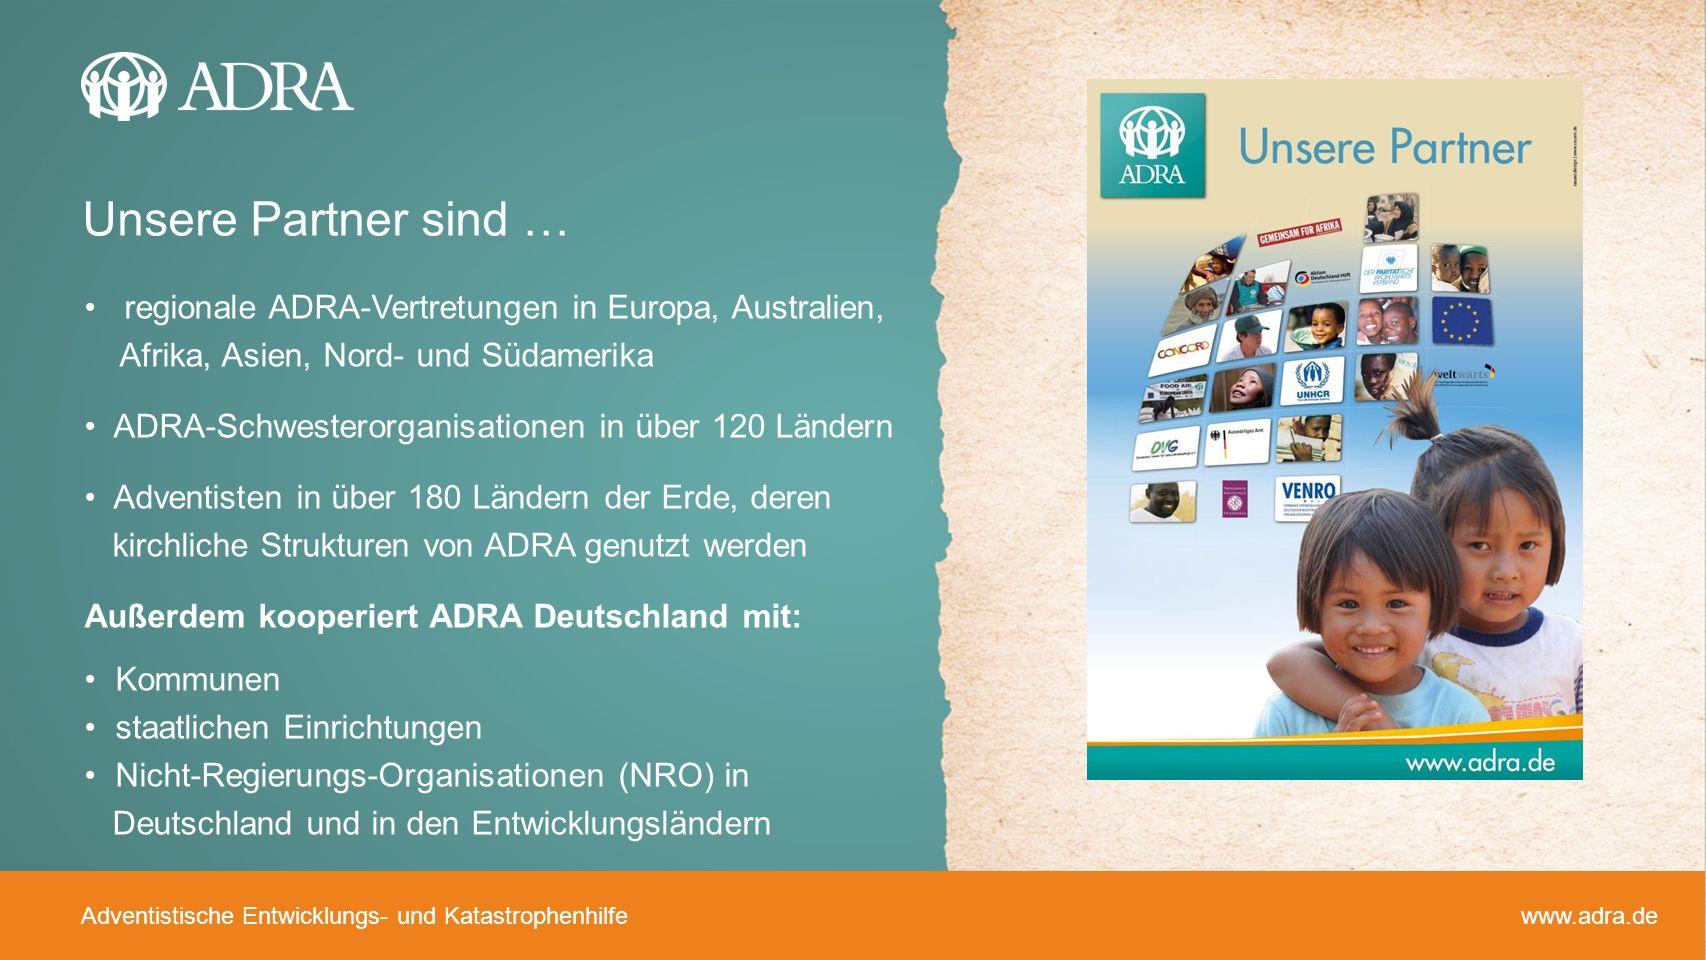 Unsere Partner sind … regionale ADRA-Vertretungen in Europa, Australien, Afrika, Asien, Nord- und Südamerika.